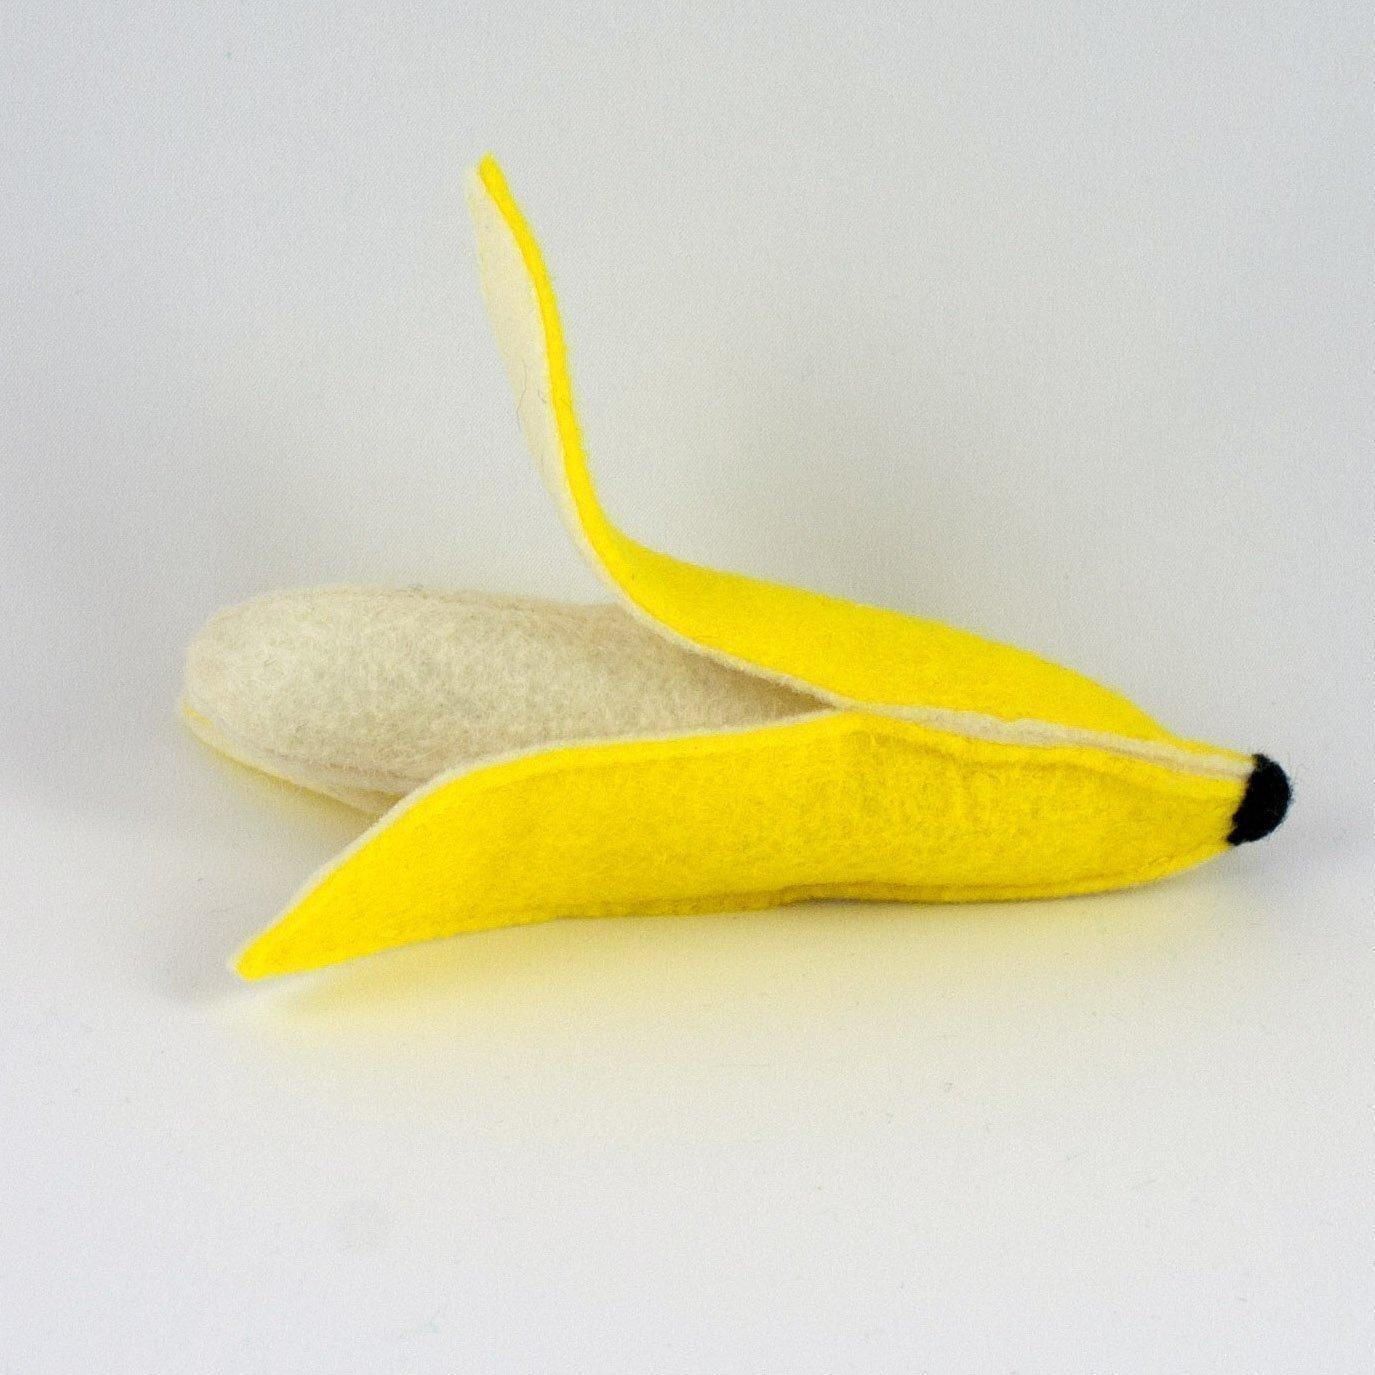 Felt Banana, Comes Out of the Peel